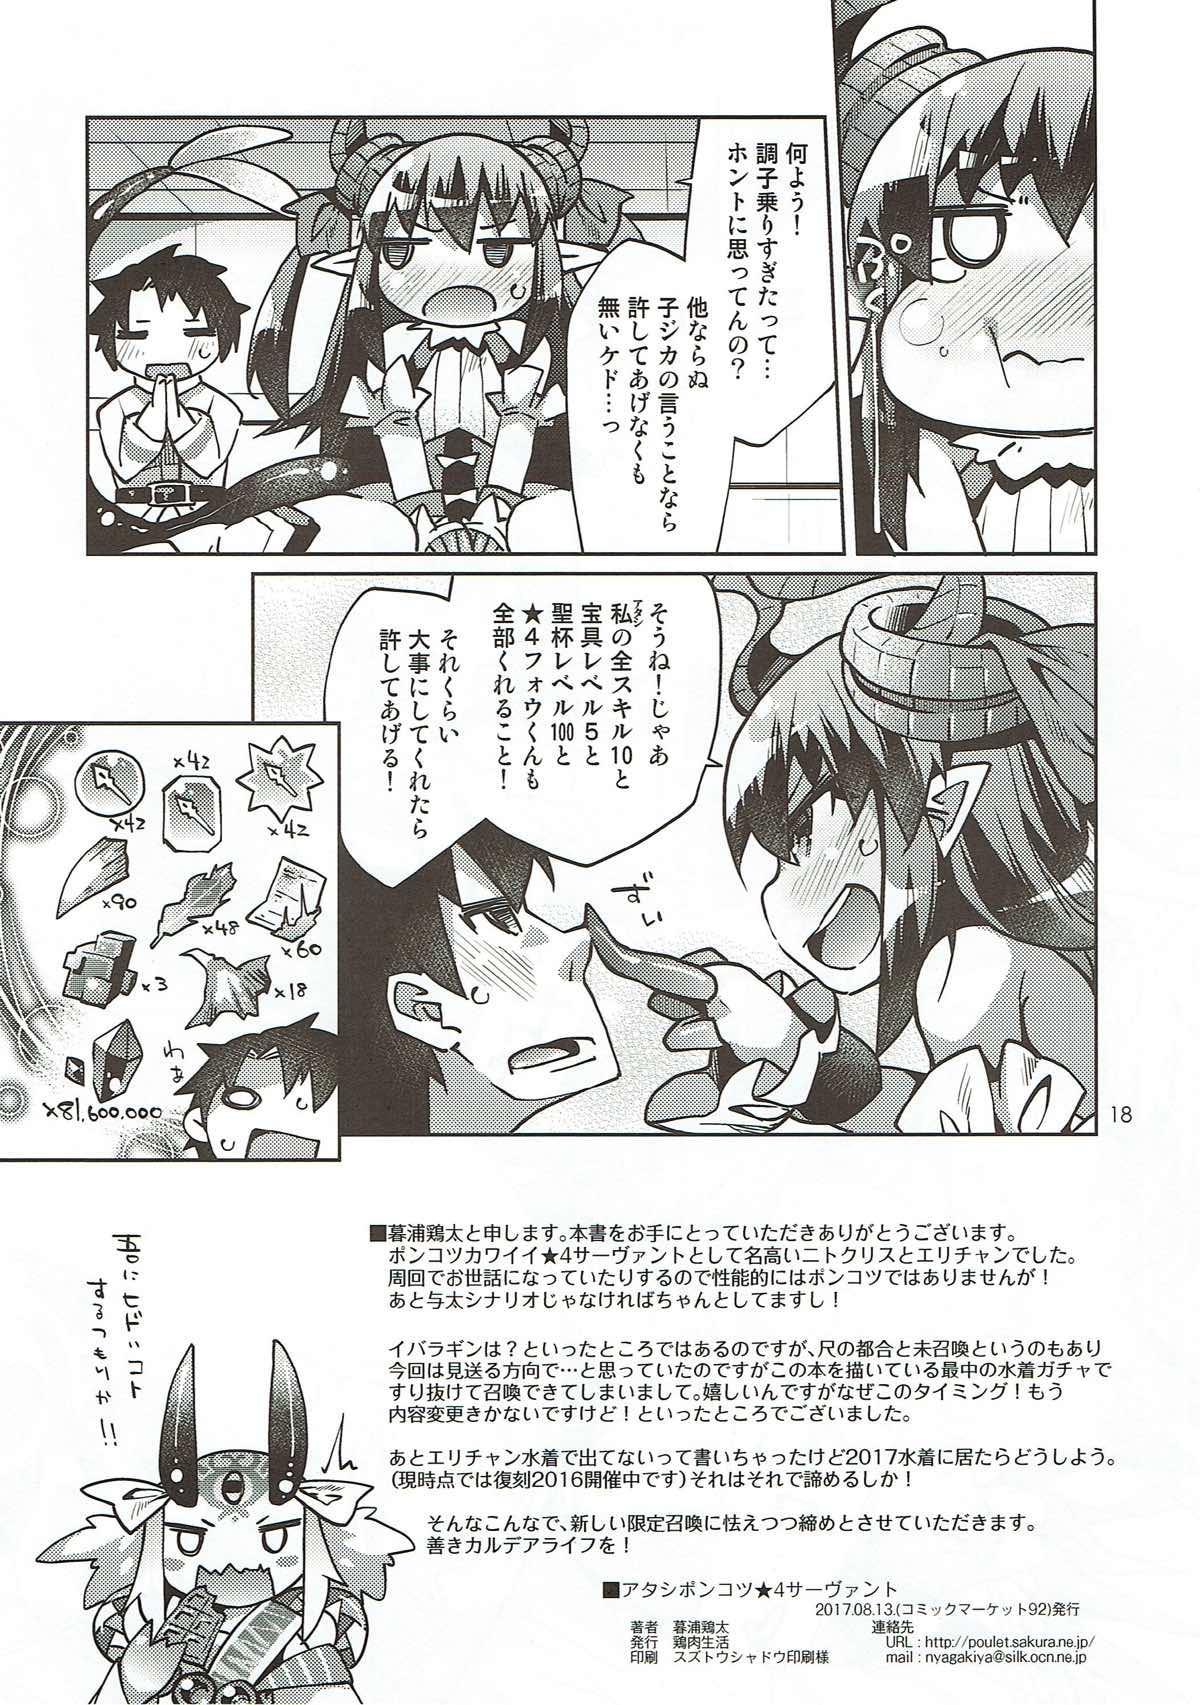 Atashi Ponkotsu SR Servant 16